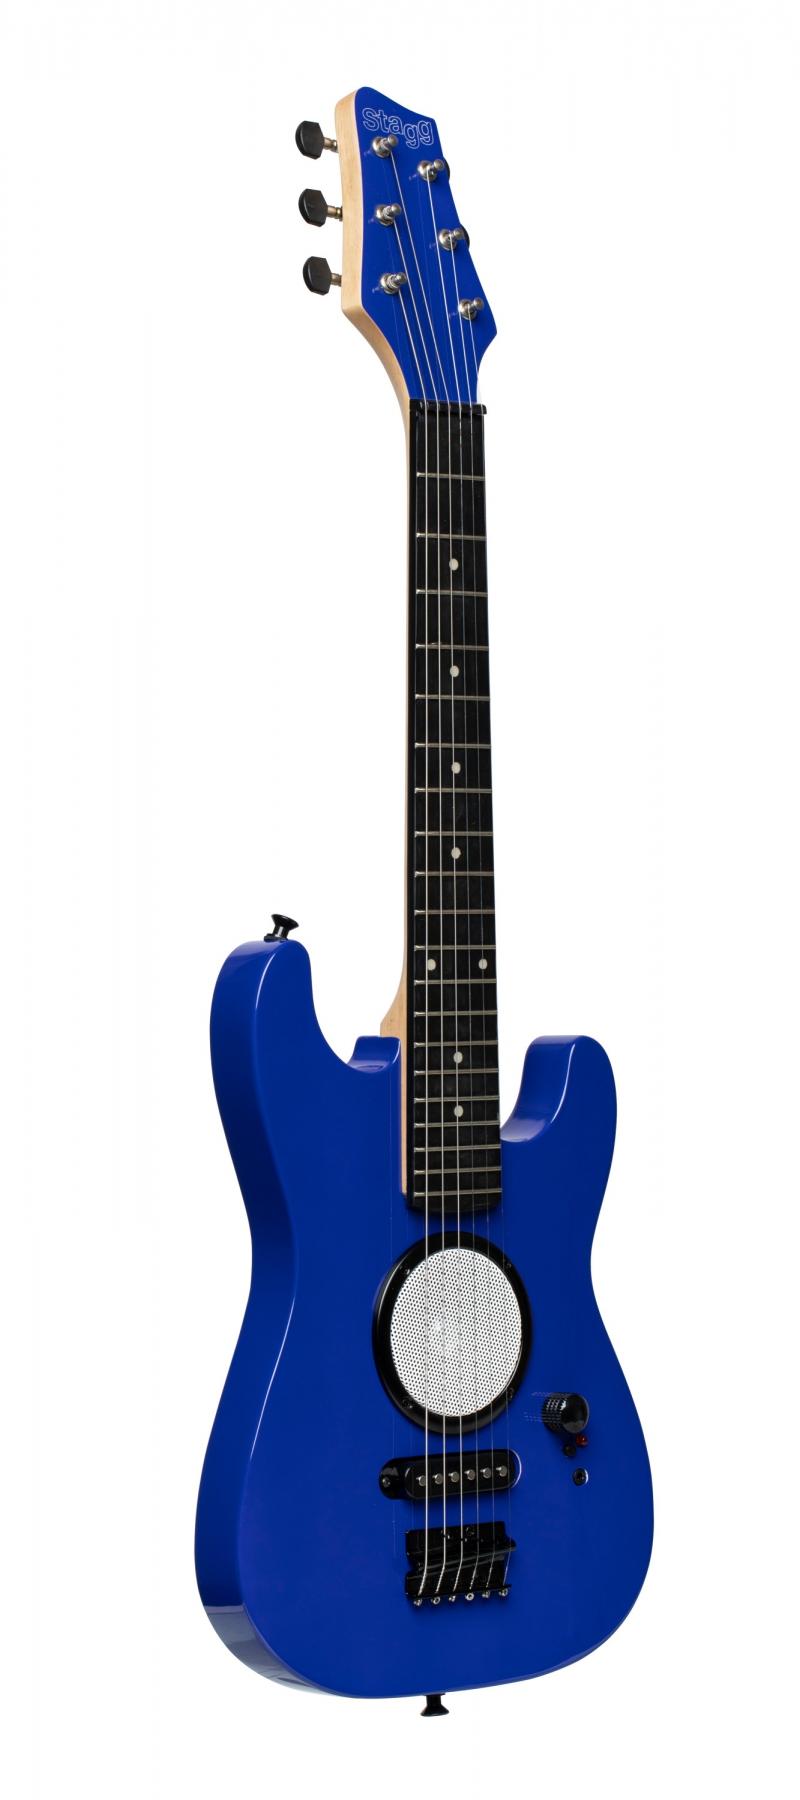 Stagg GAMP200-BL bērnu ģitāra